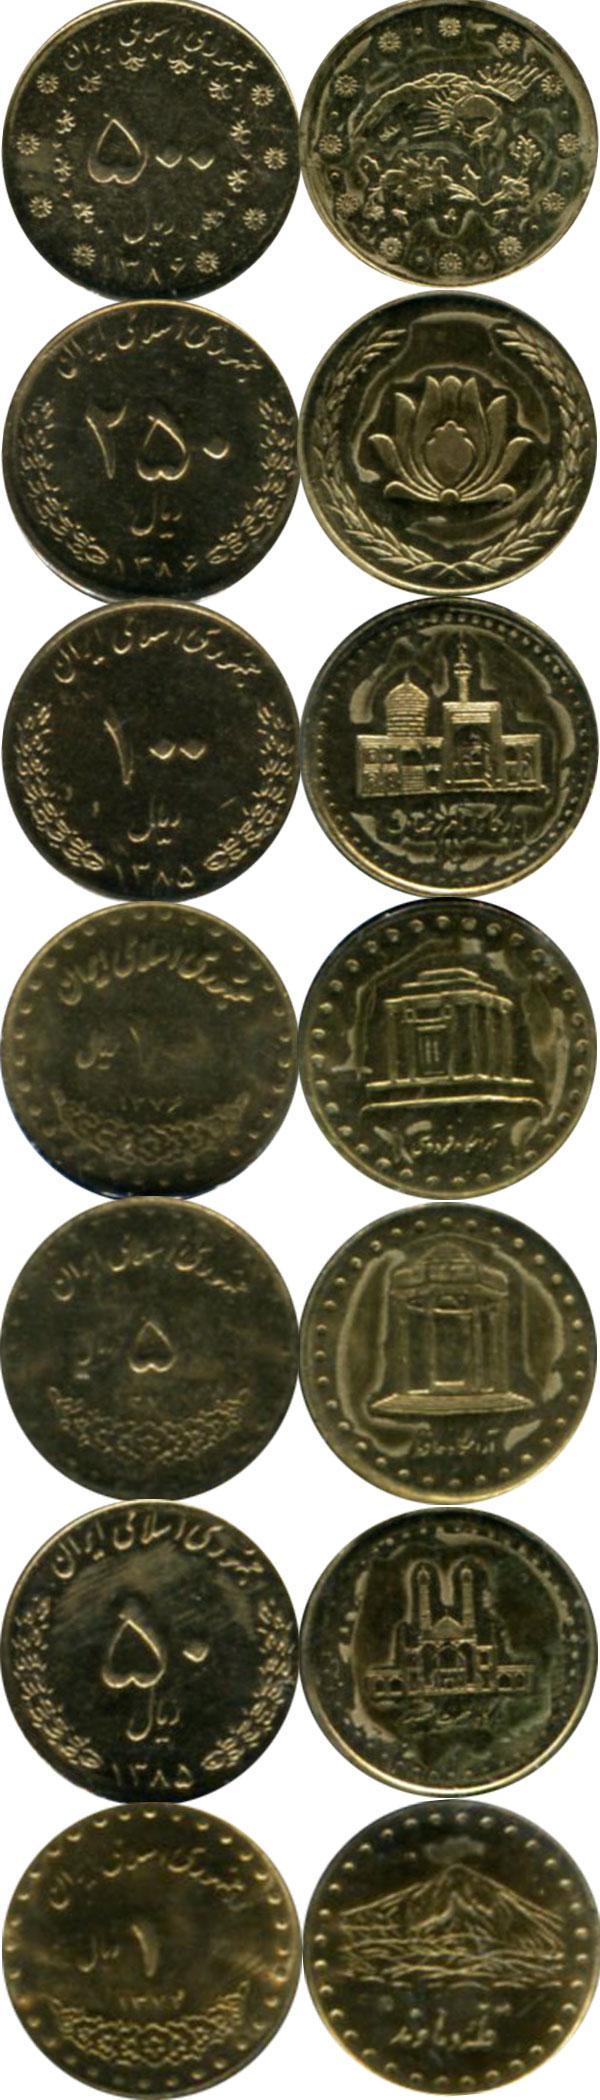 Каталог монет - Иран Сооружения Ирана